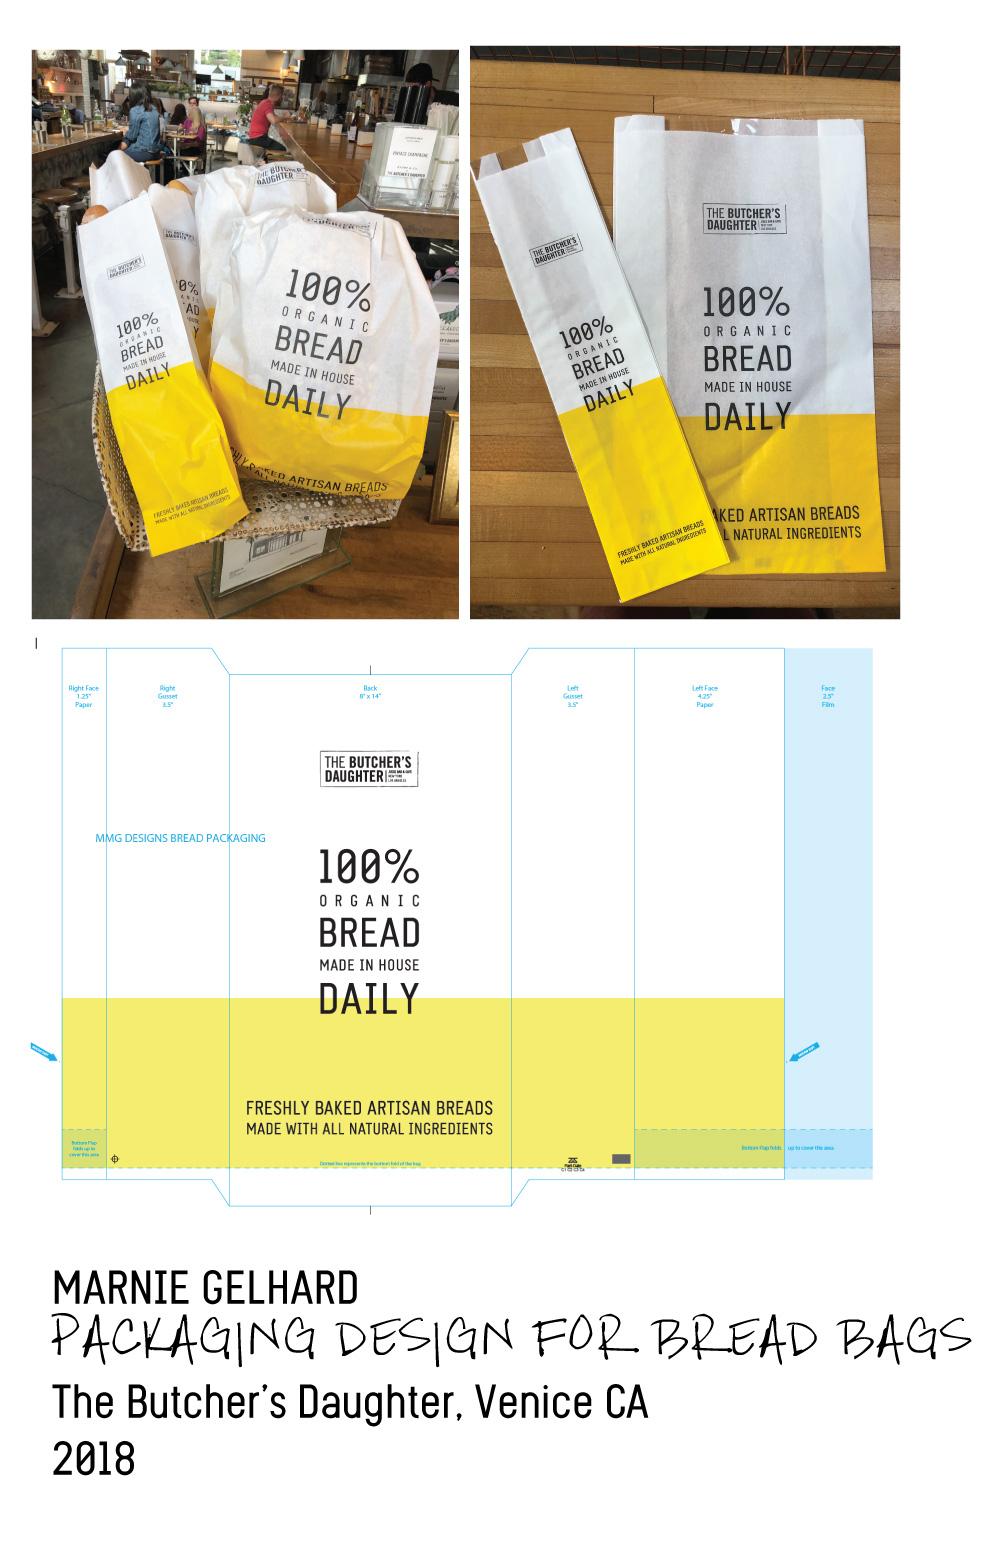 BreadBags-JPG.jpg